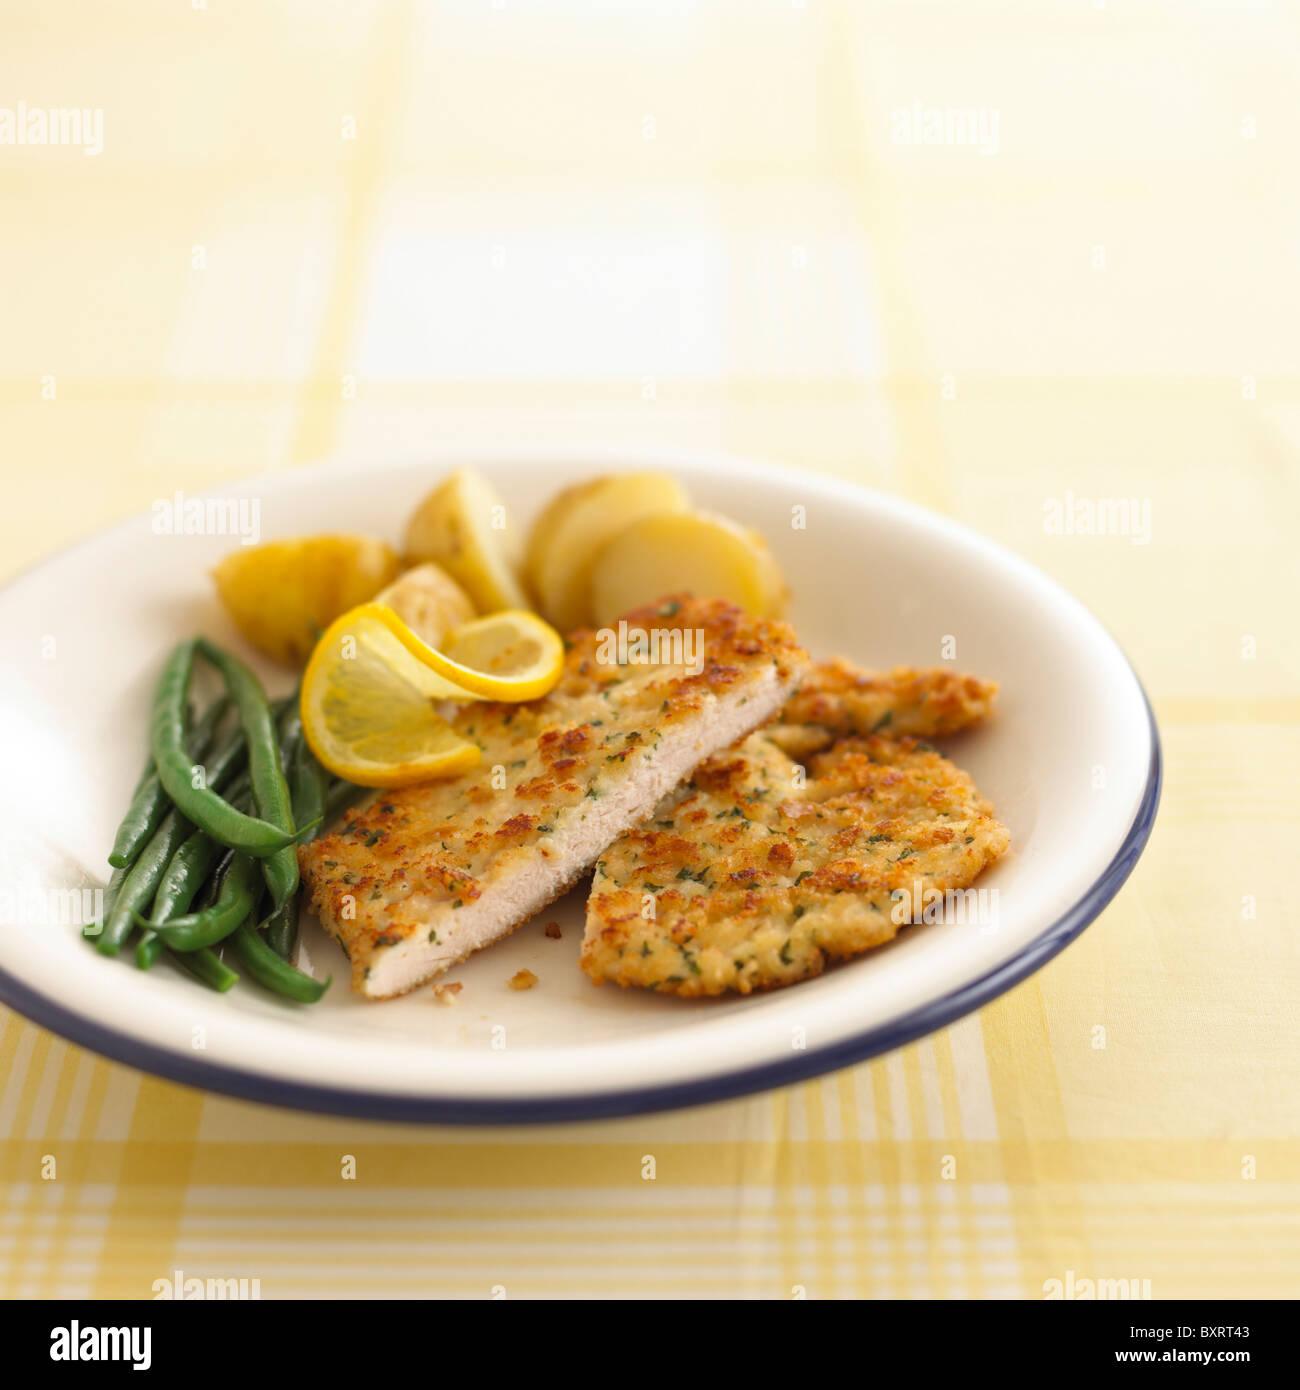 Escalope de poulet, haricots verts et pommes de terre nouvelles on white plate Photo Stock